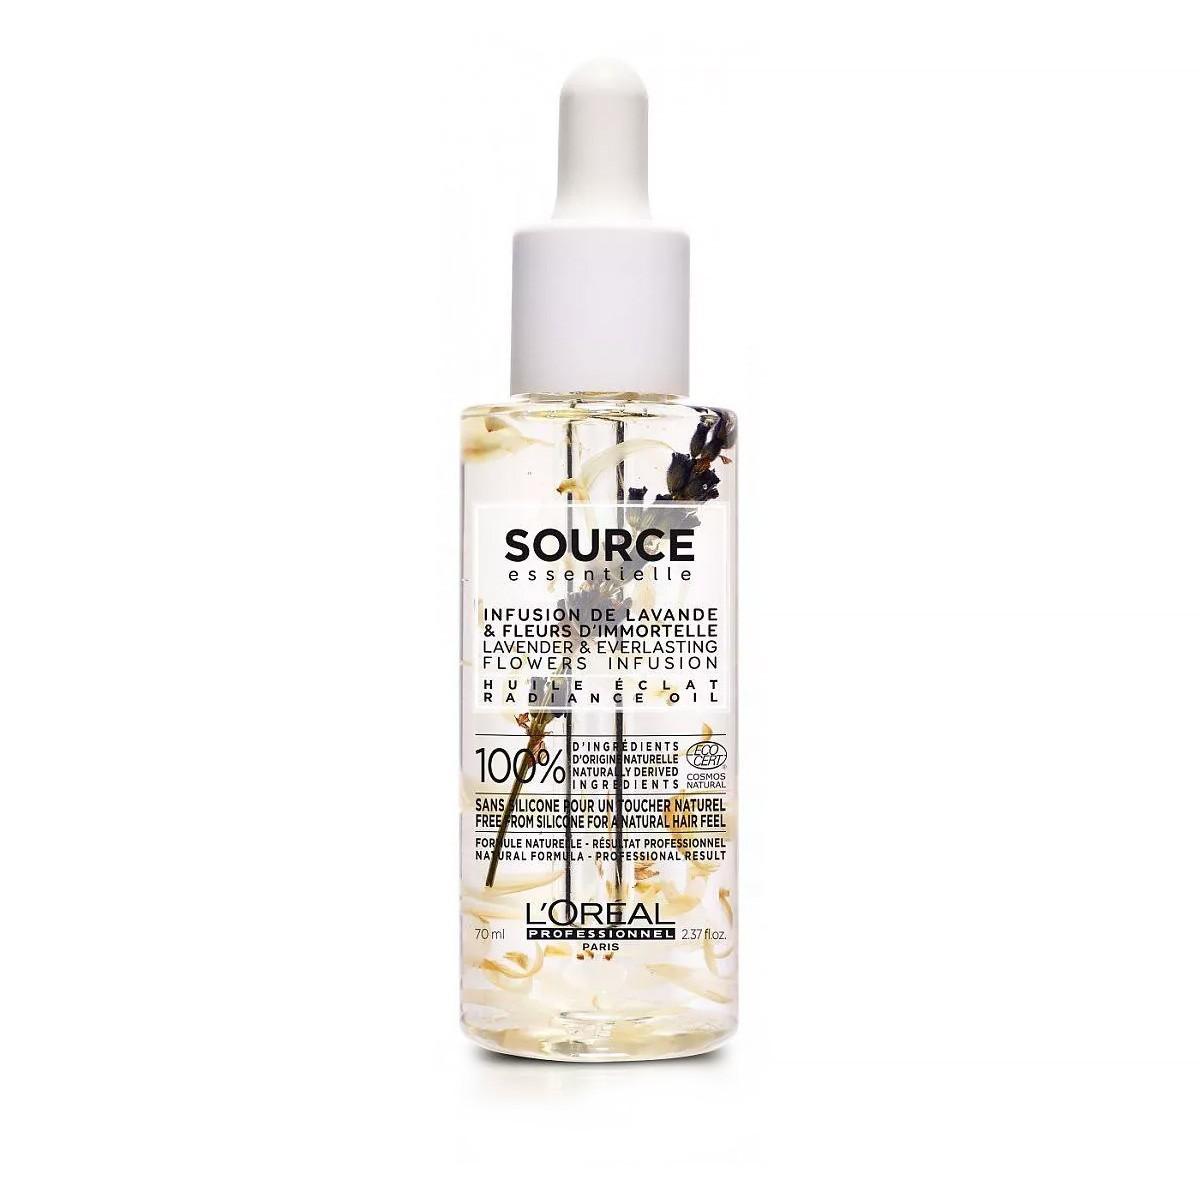 L'OREAL Source Nourishing Oil 70ml - Olejek do włosów suchych i uwrażliwionych